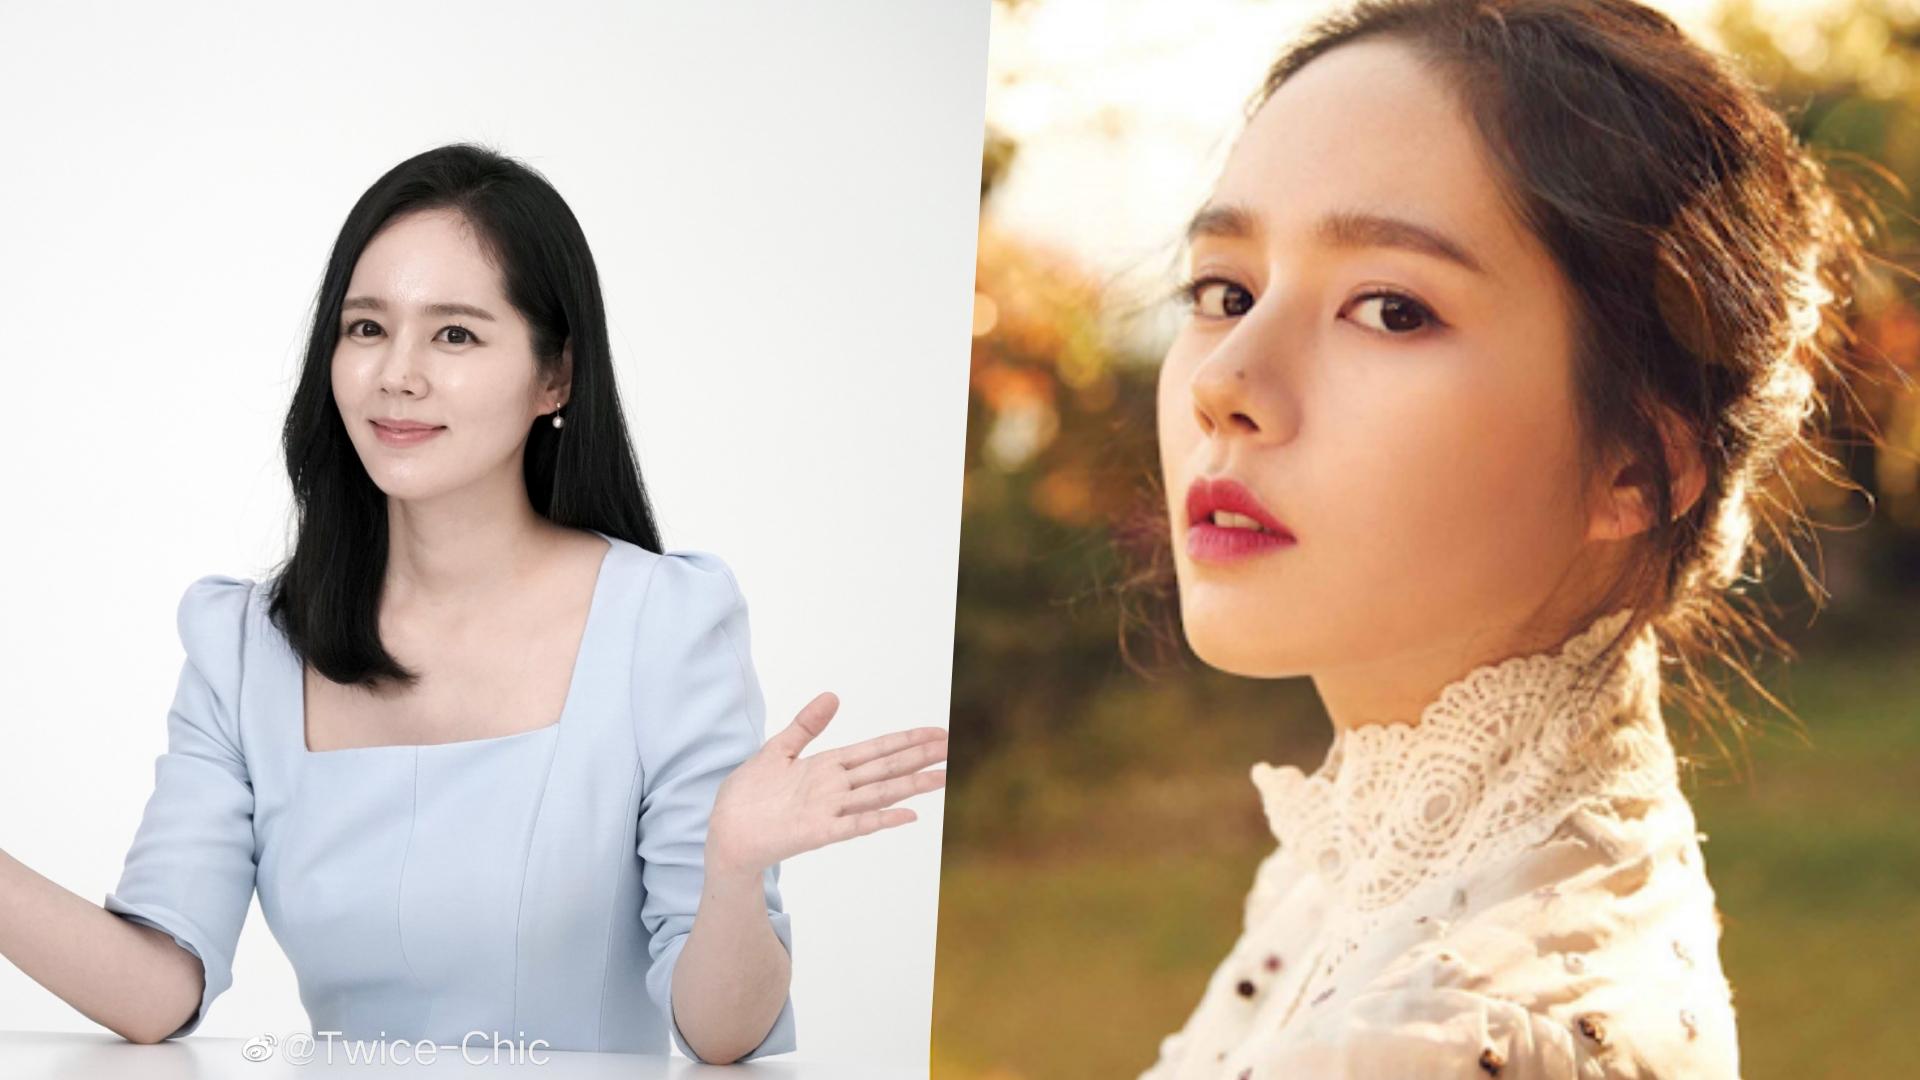 韓國第一天然美女,如今卻陷入眼袋危機?